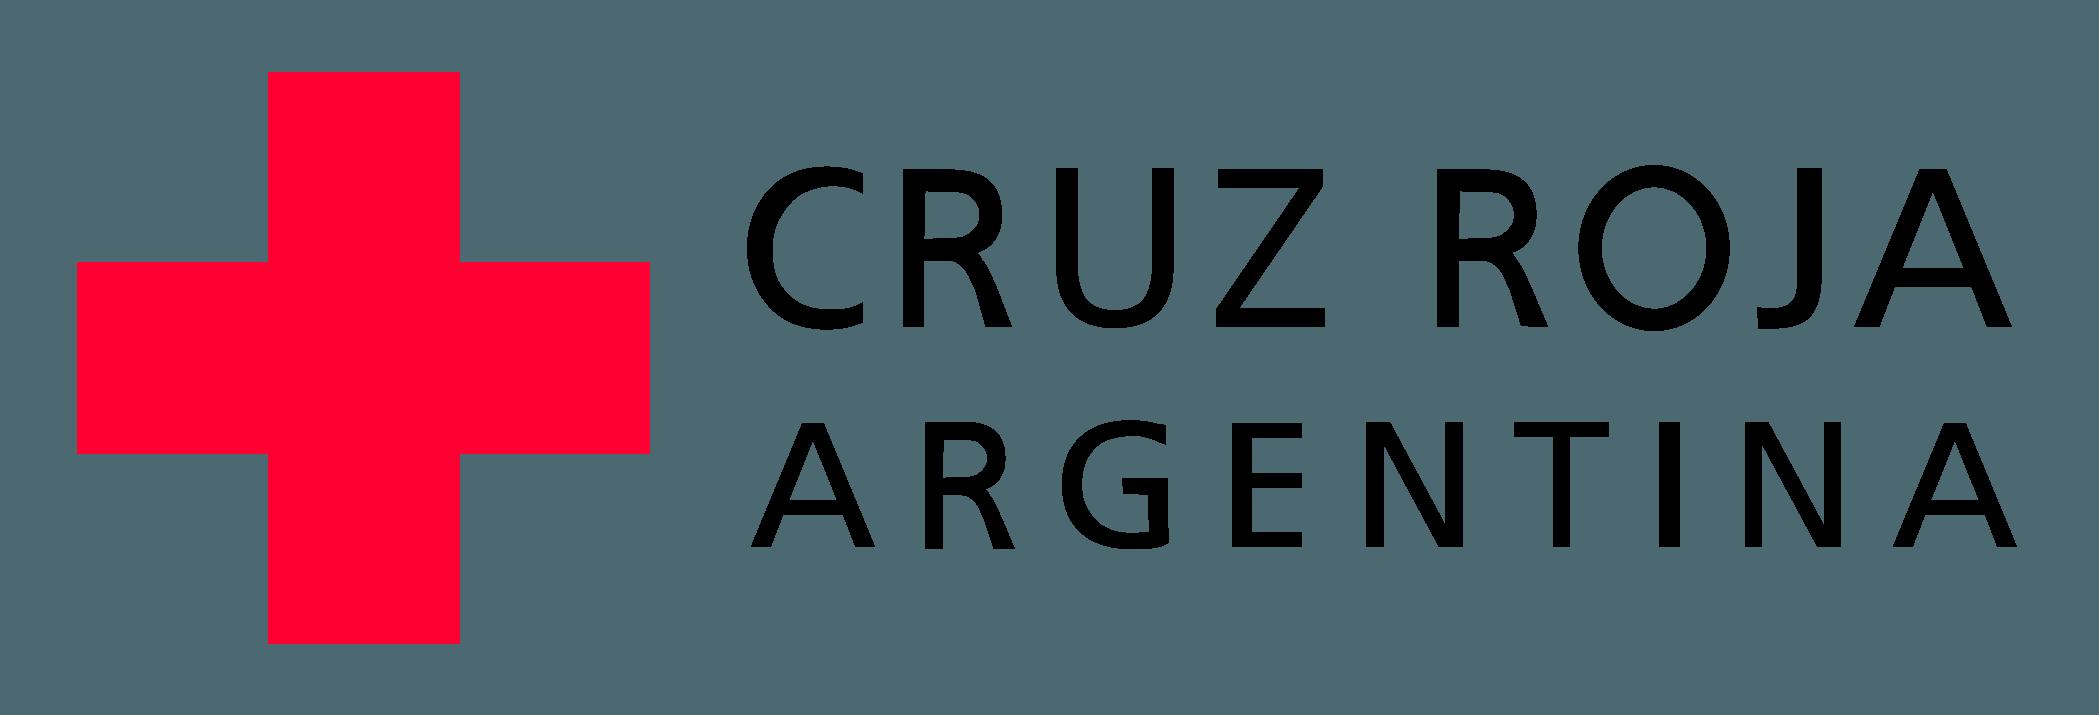 18 - Cruz Roja Argentina